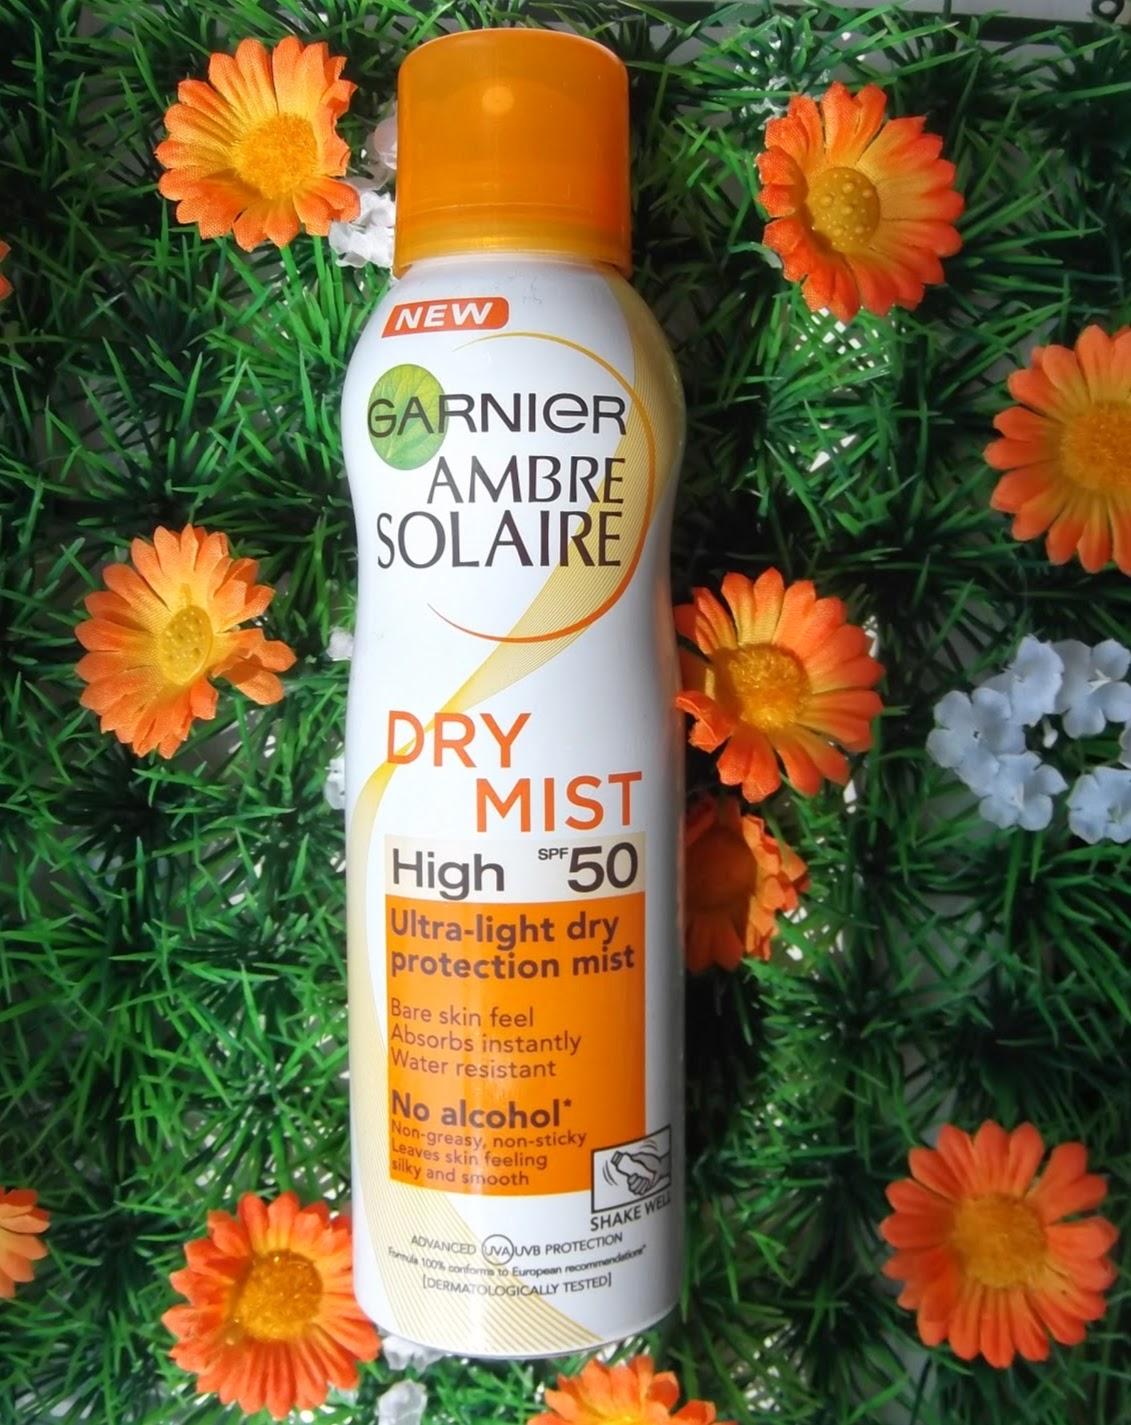 garnier ambre solaire dry mist sunscreen spf50